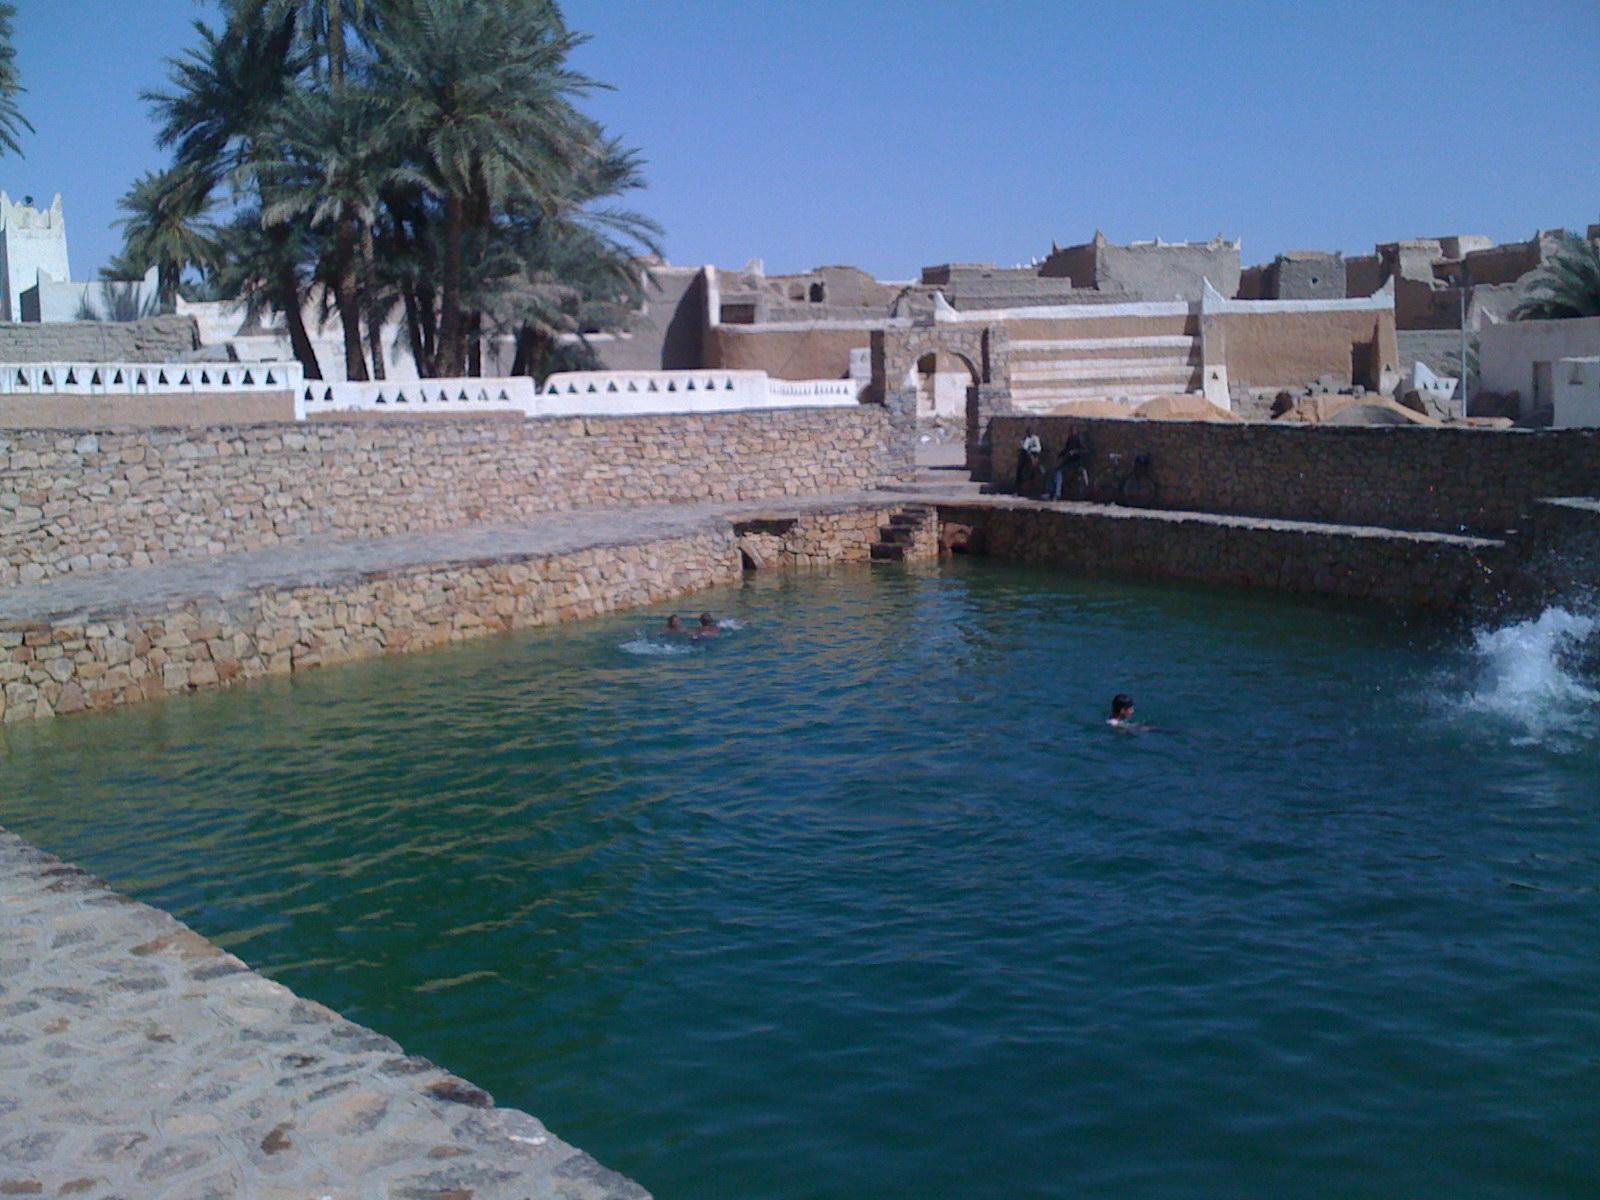 File:Libya Ghadames Old Town Spring Water Pool.JPG - Wikimedia Commonsspringwater town